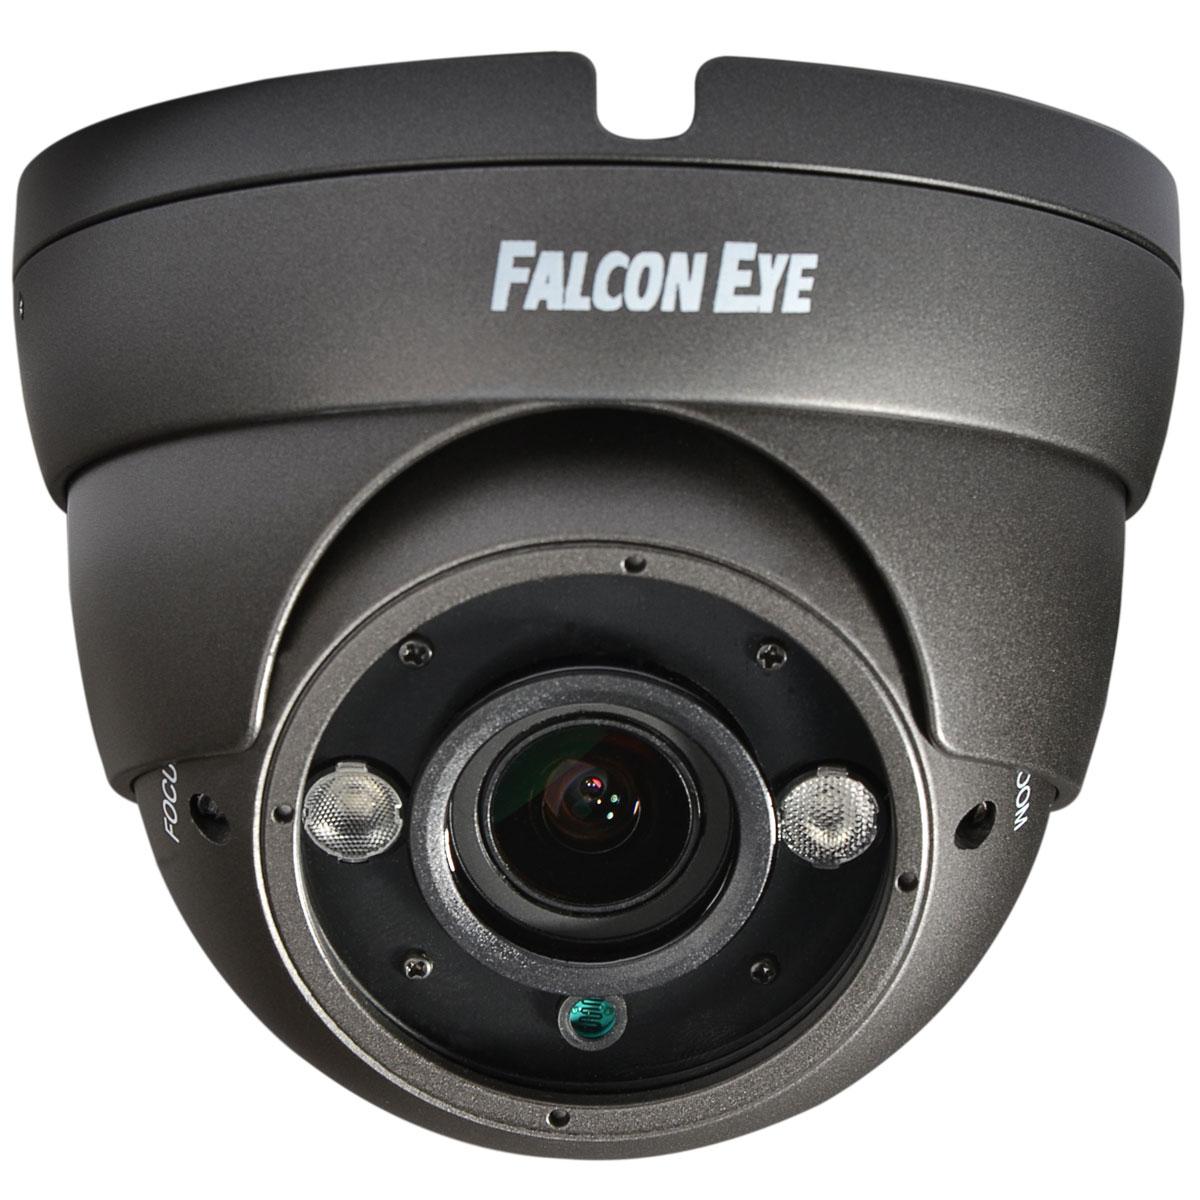 Falcon Eye FE-IDV1080AHD/35M, Grey камера видеонаблюденияFE-IDV1080AHD/35M СЕРАЯFalcon Eye FE-IDV1080AHD/35M - всепогодная AHD-камера, прекрасно подойдет для наружного и внутреннего наблюдения. Данная модель обладает высокопрочным корпусом, благодаря чему надежно защищена от воздействия влаги и пыли, и приспособлена к работе в широком температурном диапазоне, благодаря чему подходит для эксплуатации в неотапливаемых помещениях и на улице. Одной из главных достоинств данной камеры является ее высокое качество съемки, обеспечиваемое матрицей Sony Exmor CMOS IMX322. Камера обладает компактными размерами и эргономичной конструкцией, которая позволяет максимально быстро установить ее в необходимом месте. Кроме того, благодаря внедрению в данной модели ряда передовых разработок камера обладает чрезвычайно низким энергопотреблением. Стоит также отметить, что дальность передачи сигнала данной камеры может достигать 500 м. Если вы решили организовать надежную систему видеонаблюдения, тогда данная модель - это именно то, что вам нужно. ...